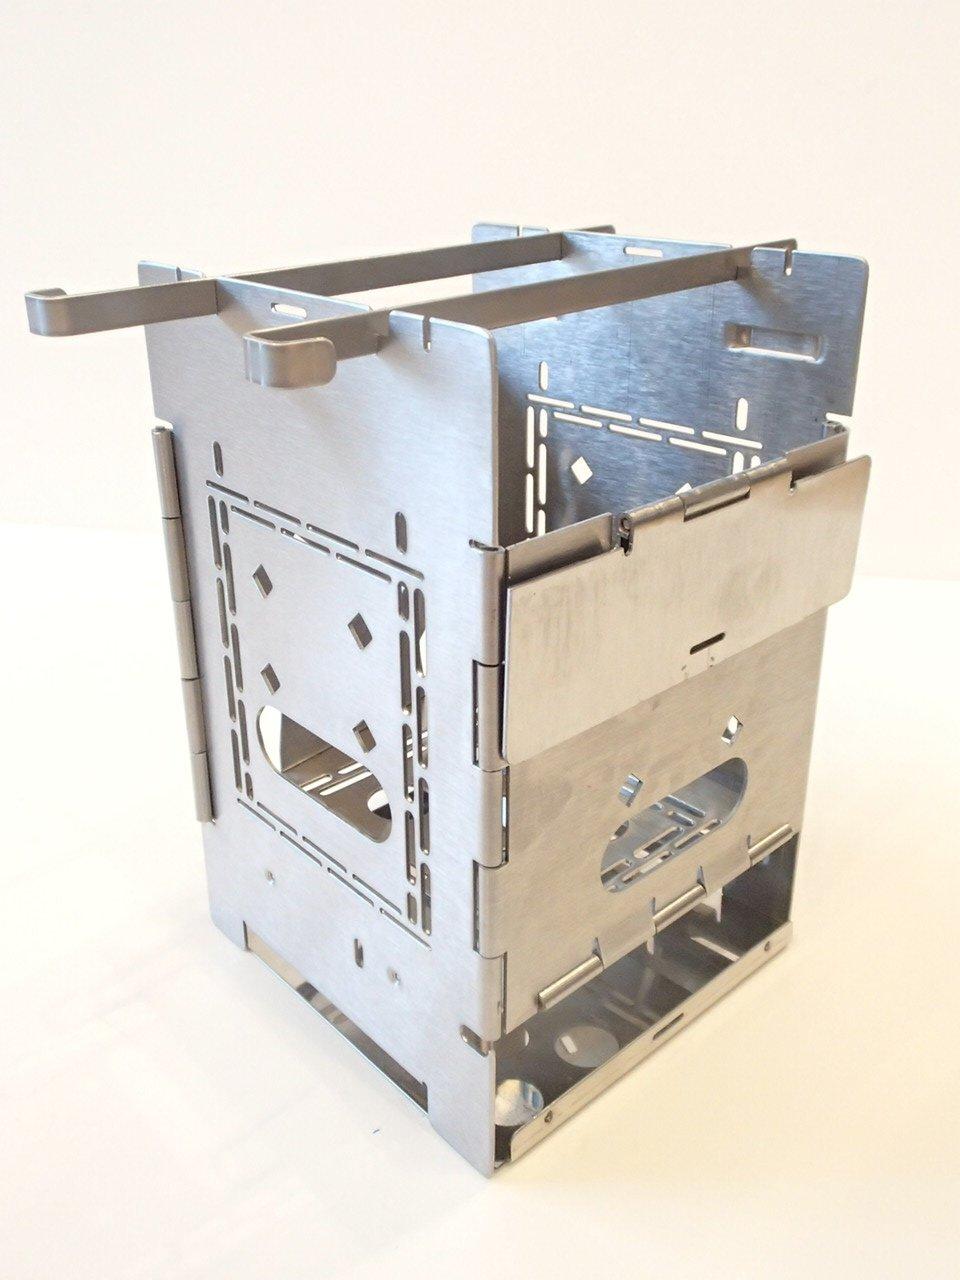 FIREBOX(ファイヤーボックス) バーベキューコンロ焚火台 G2 ストーブ 5インチ ウッドストーブ 【日本正規品】 B017VOMYOW